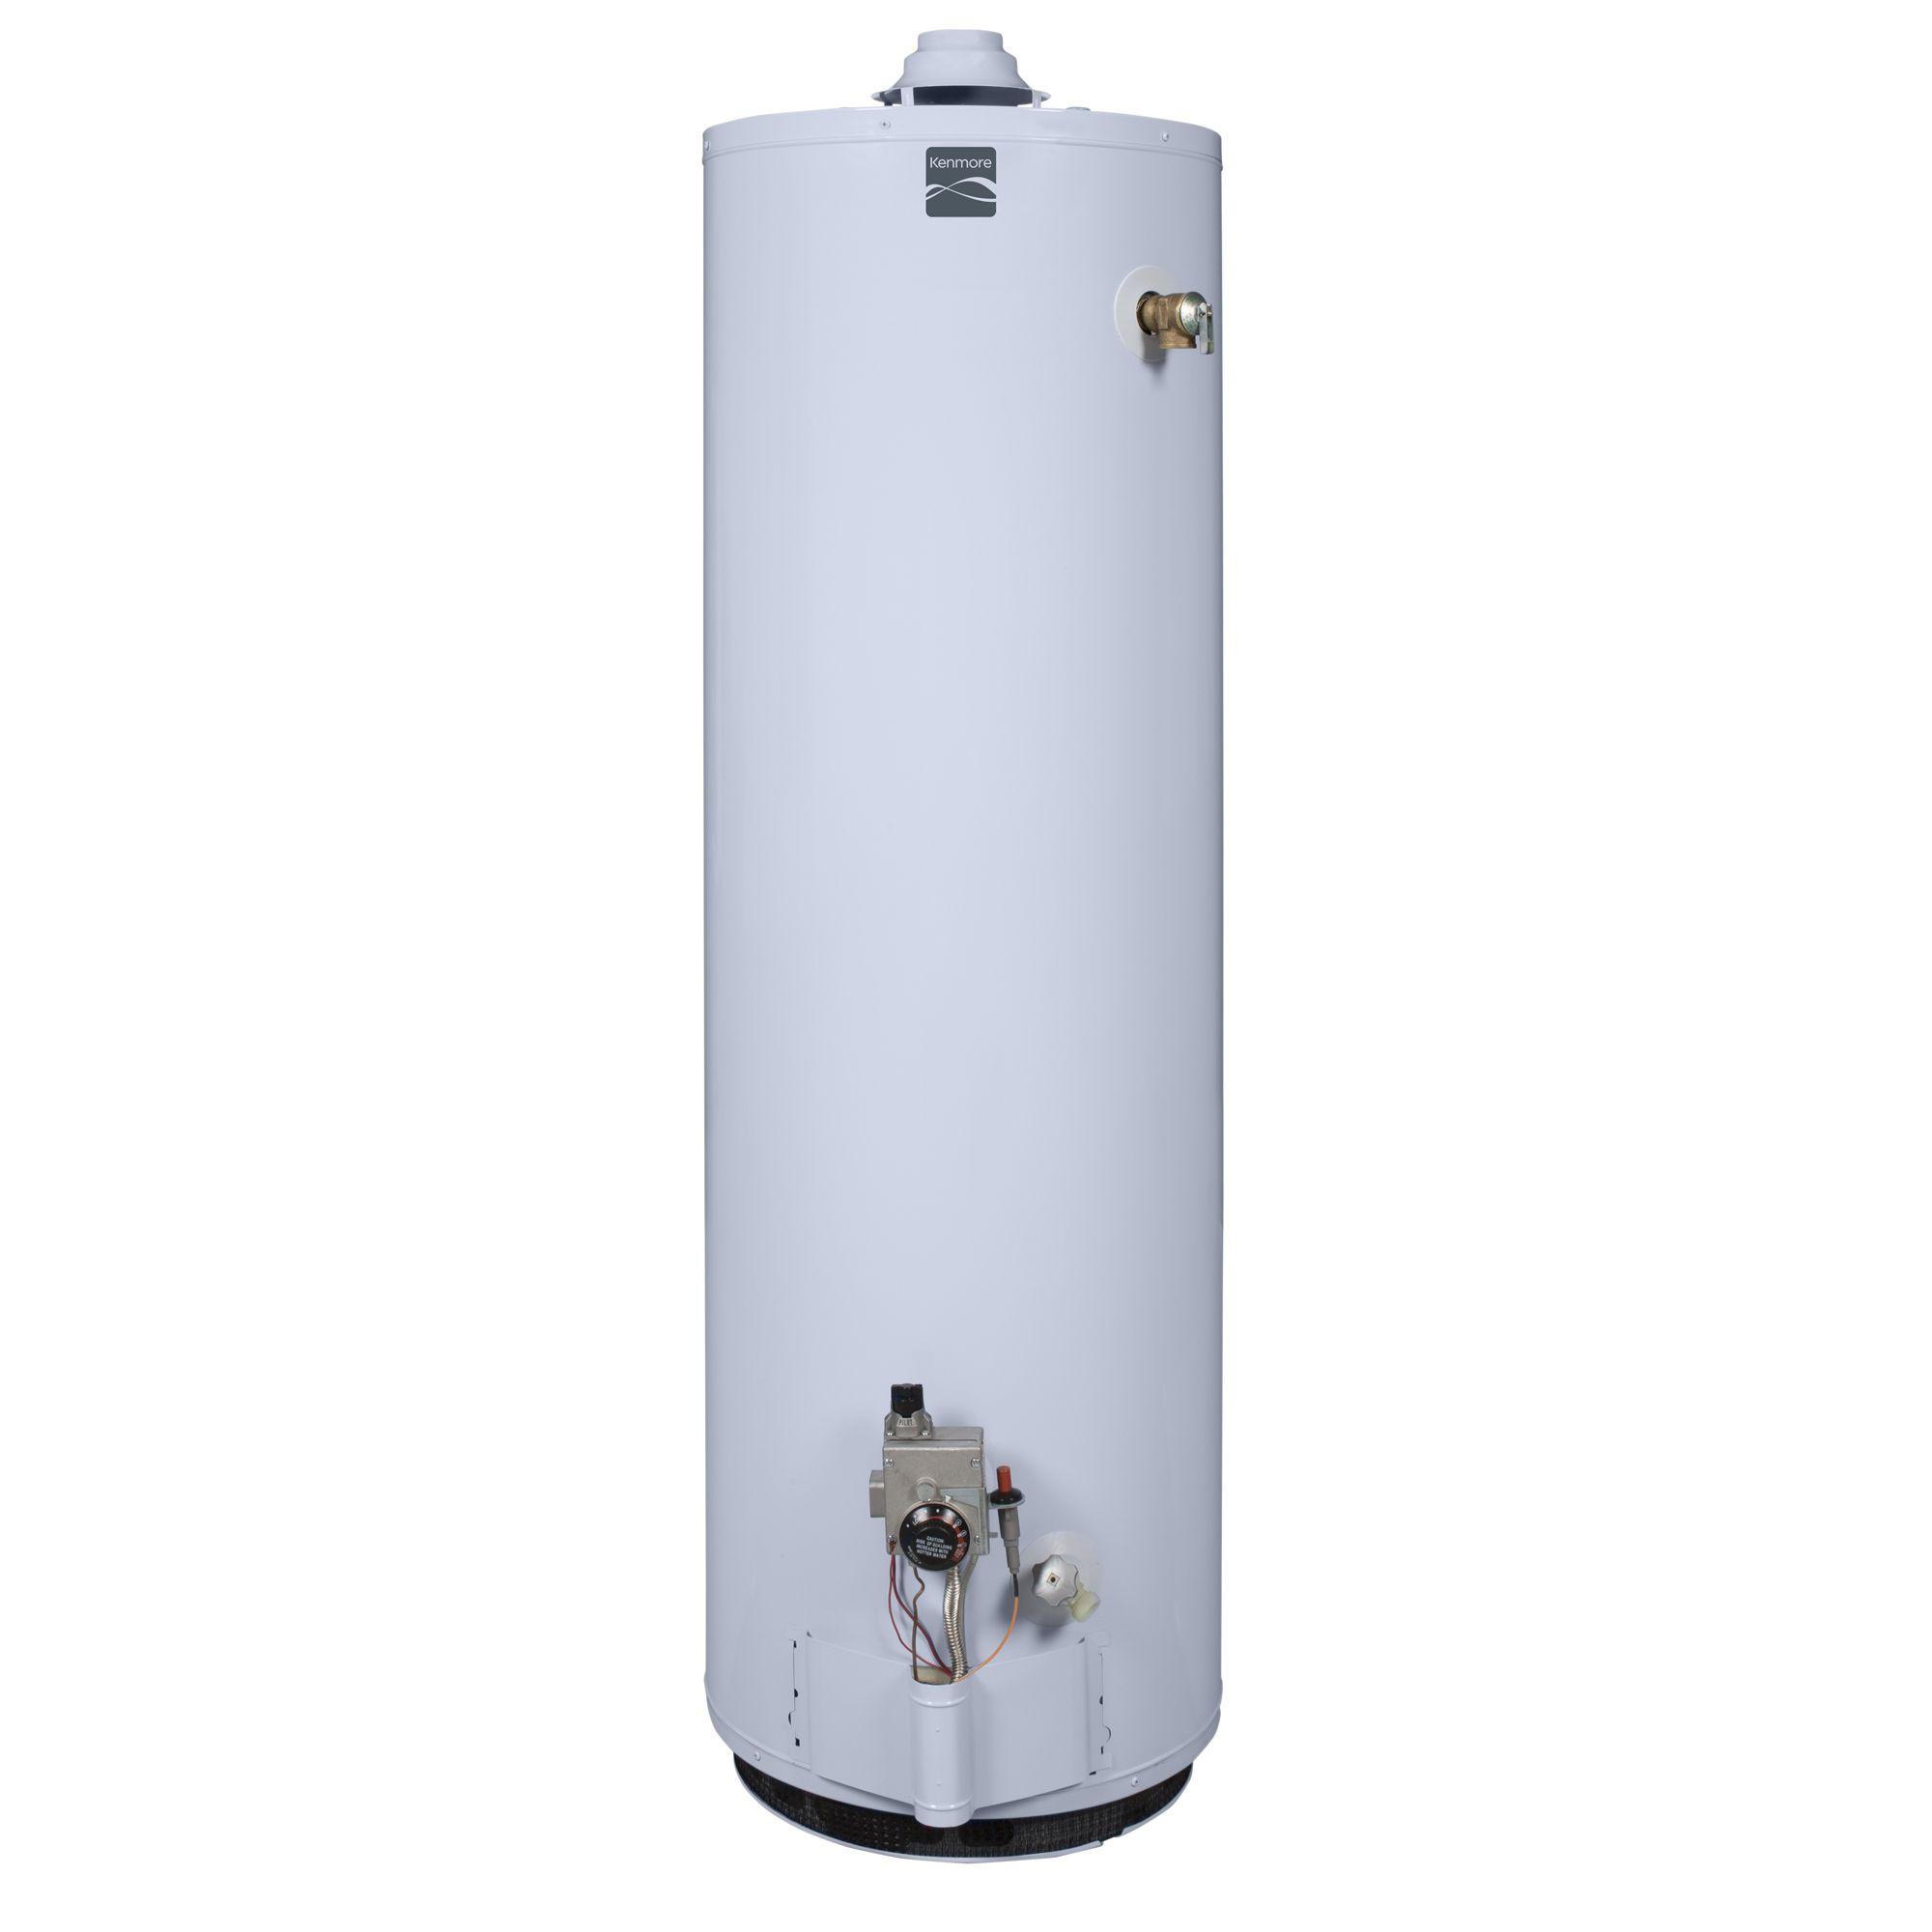 Home depot gas hot water heater